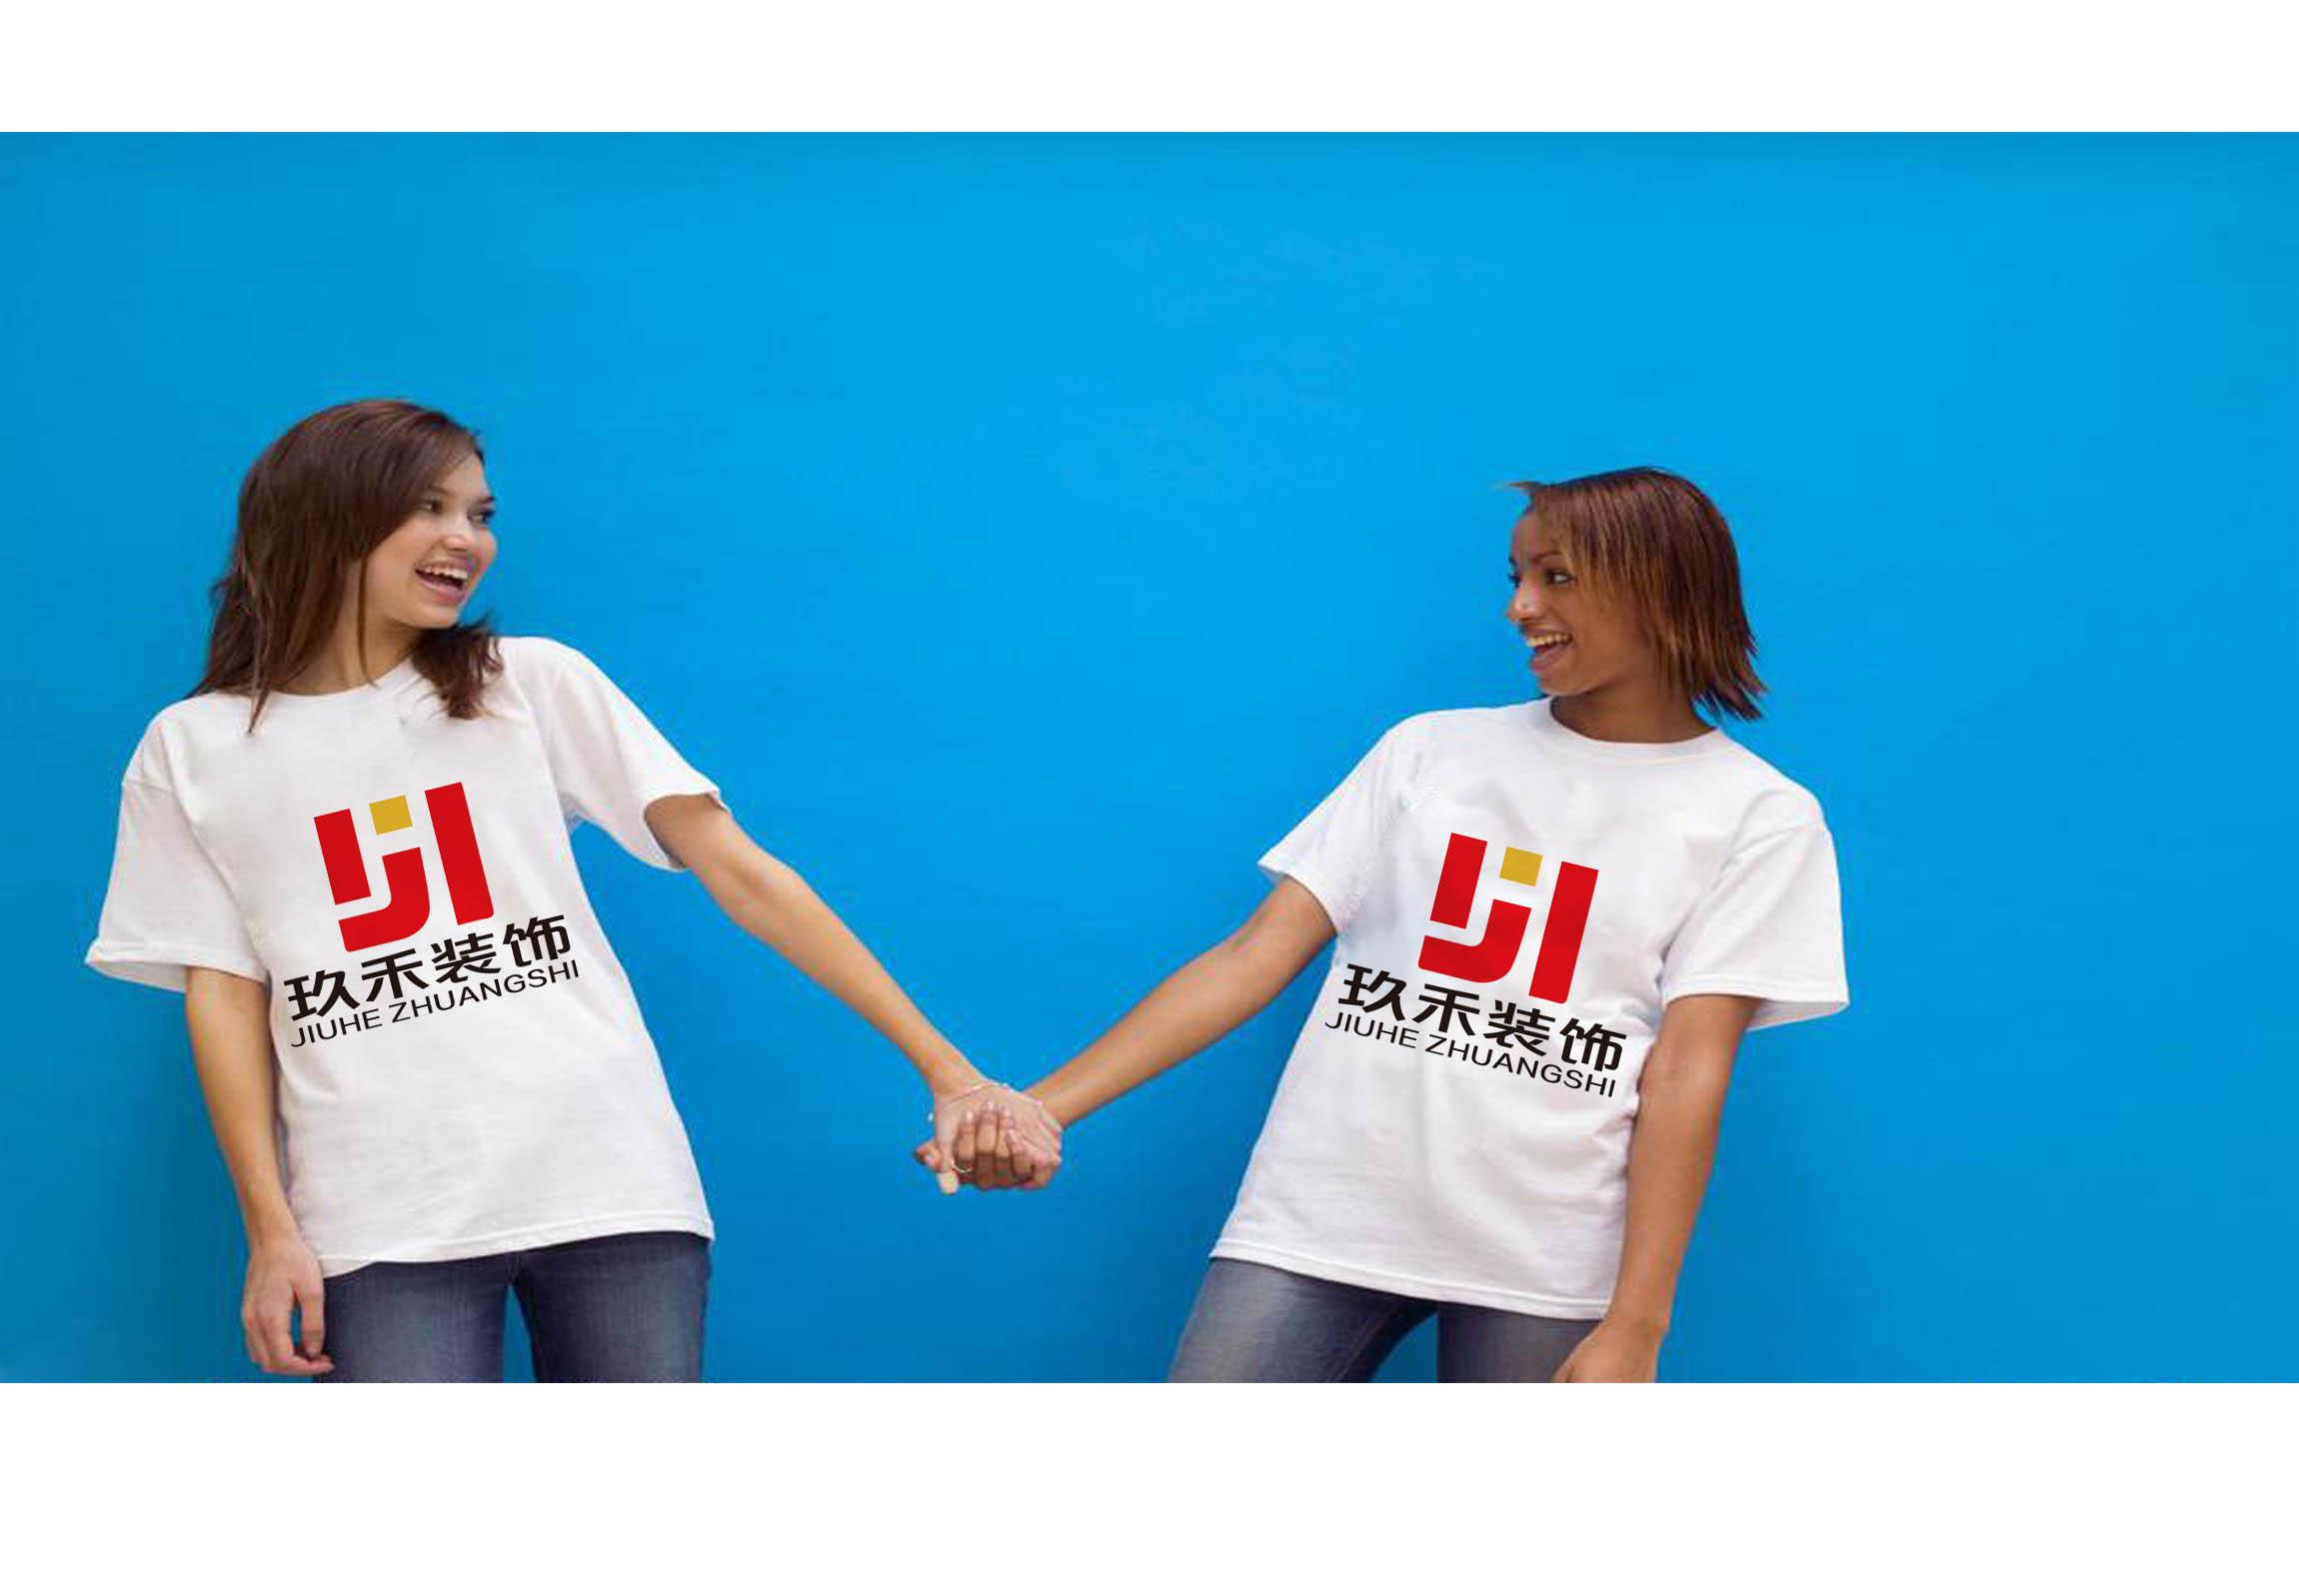 logo设计 名片设计_3026637_k68威客网